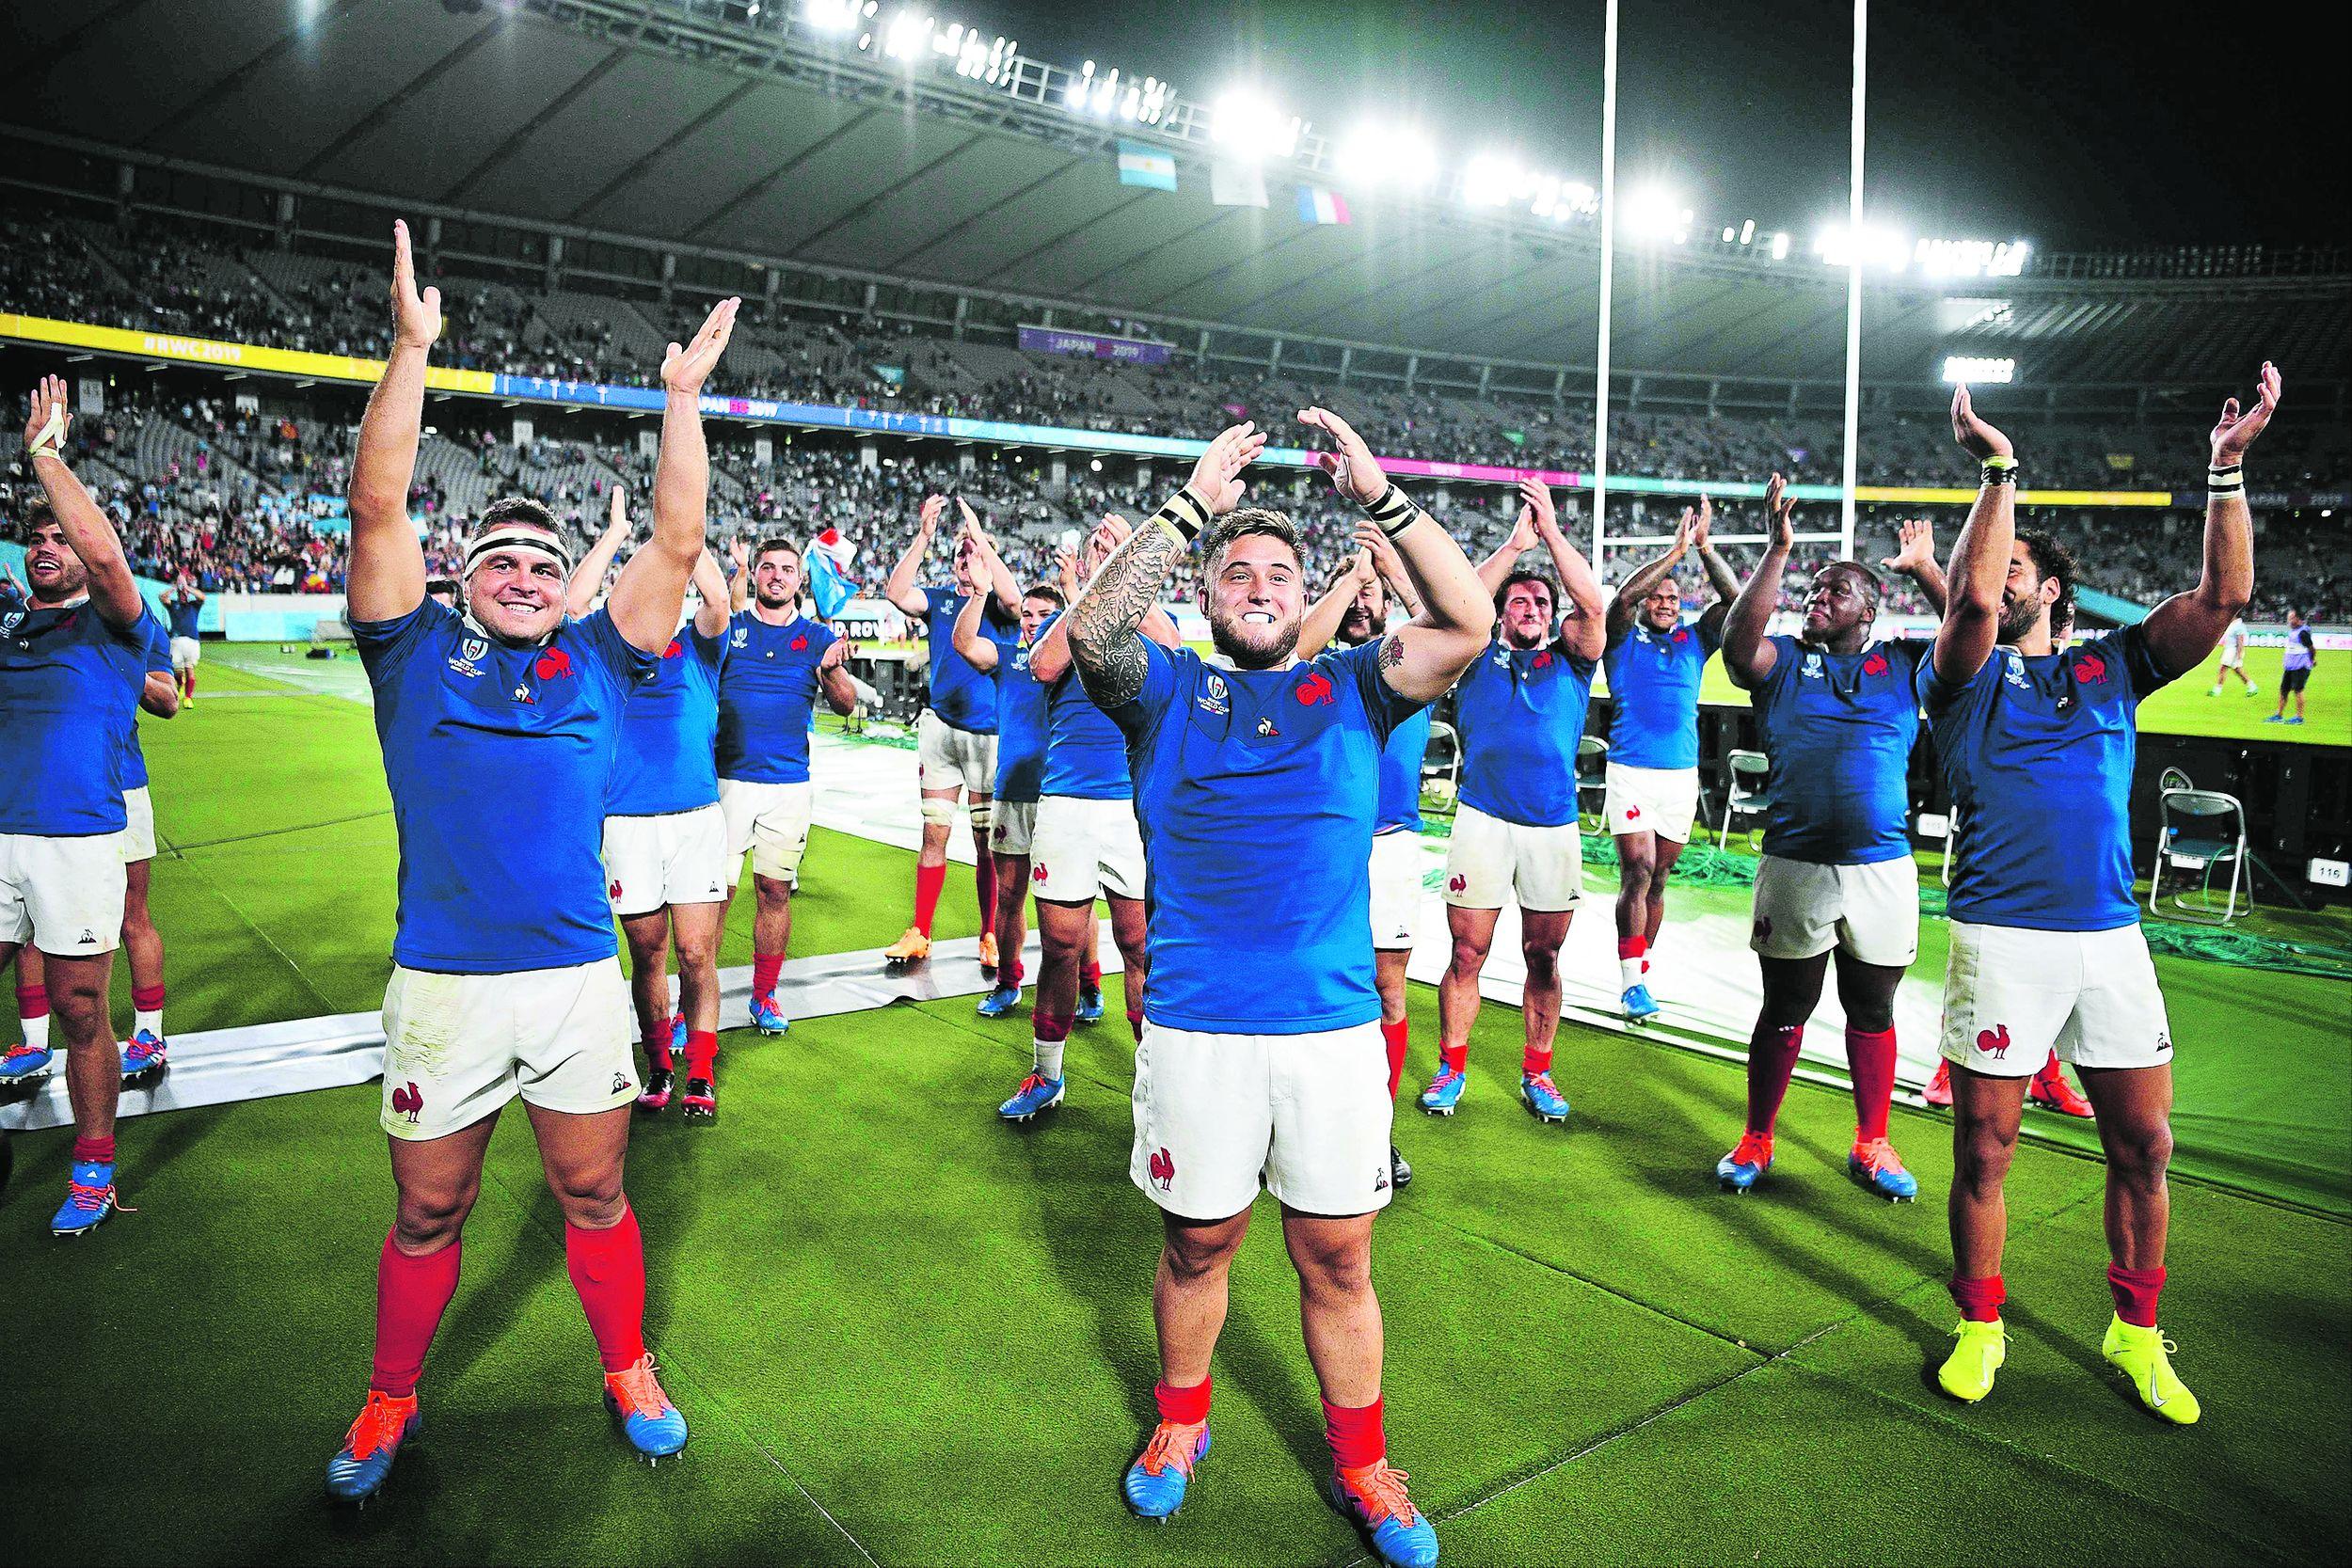 Rugby - Coupe du monde 2019 - XV de France : entre promesses et inquiétudes